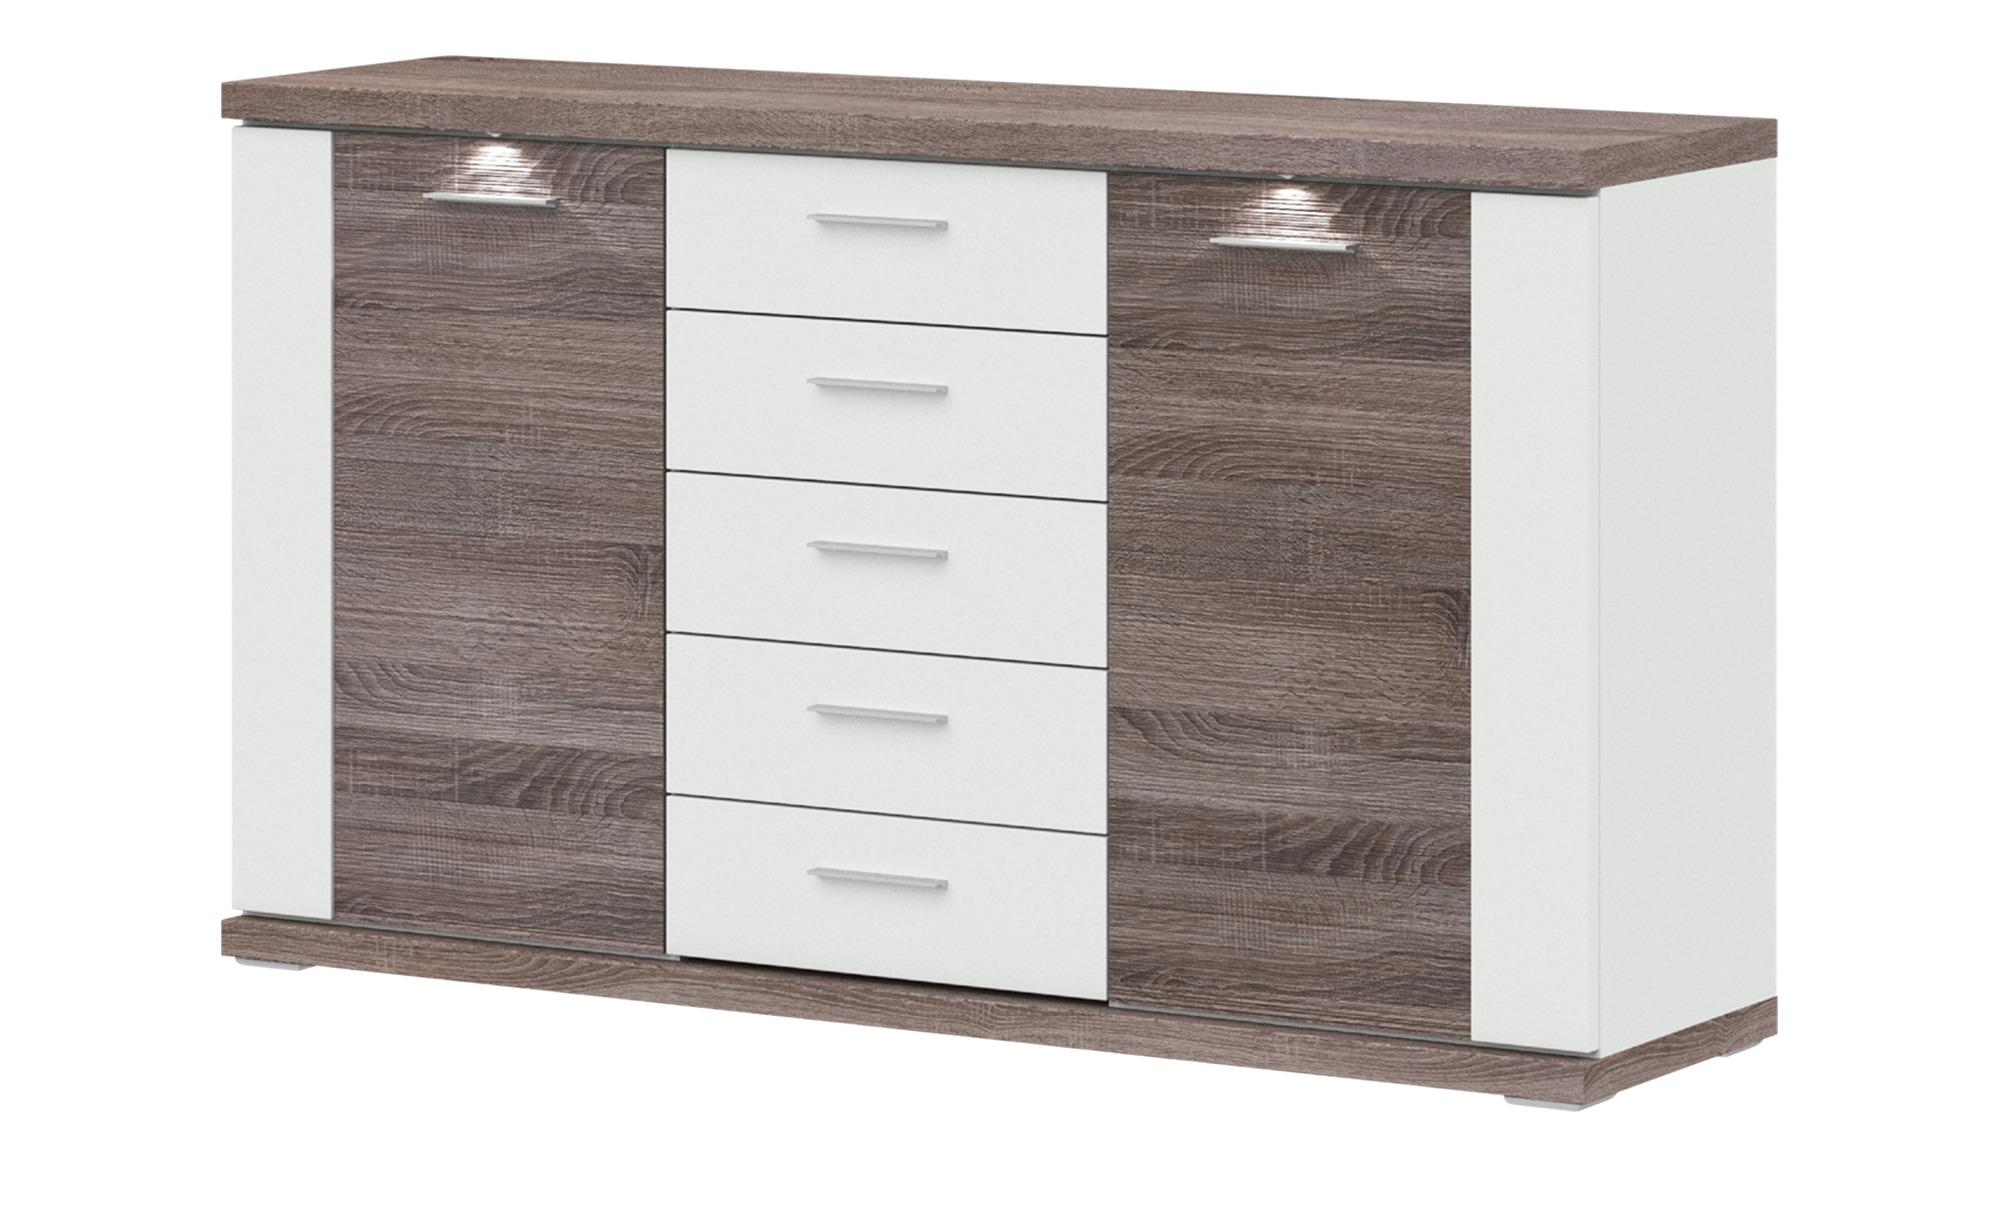 uno sideboard titan breite 156 cm h he 91 cm online kaufen bei woonio. Black Bedroom Furniture Sets. Home Design Ideas